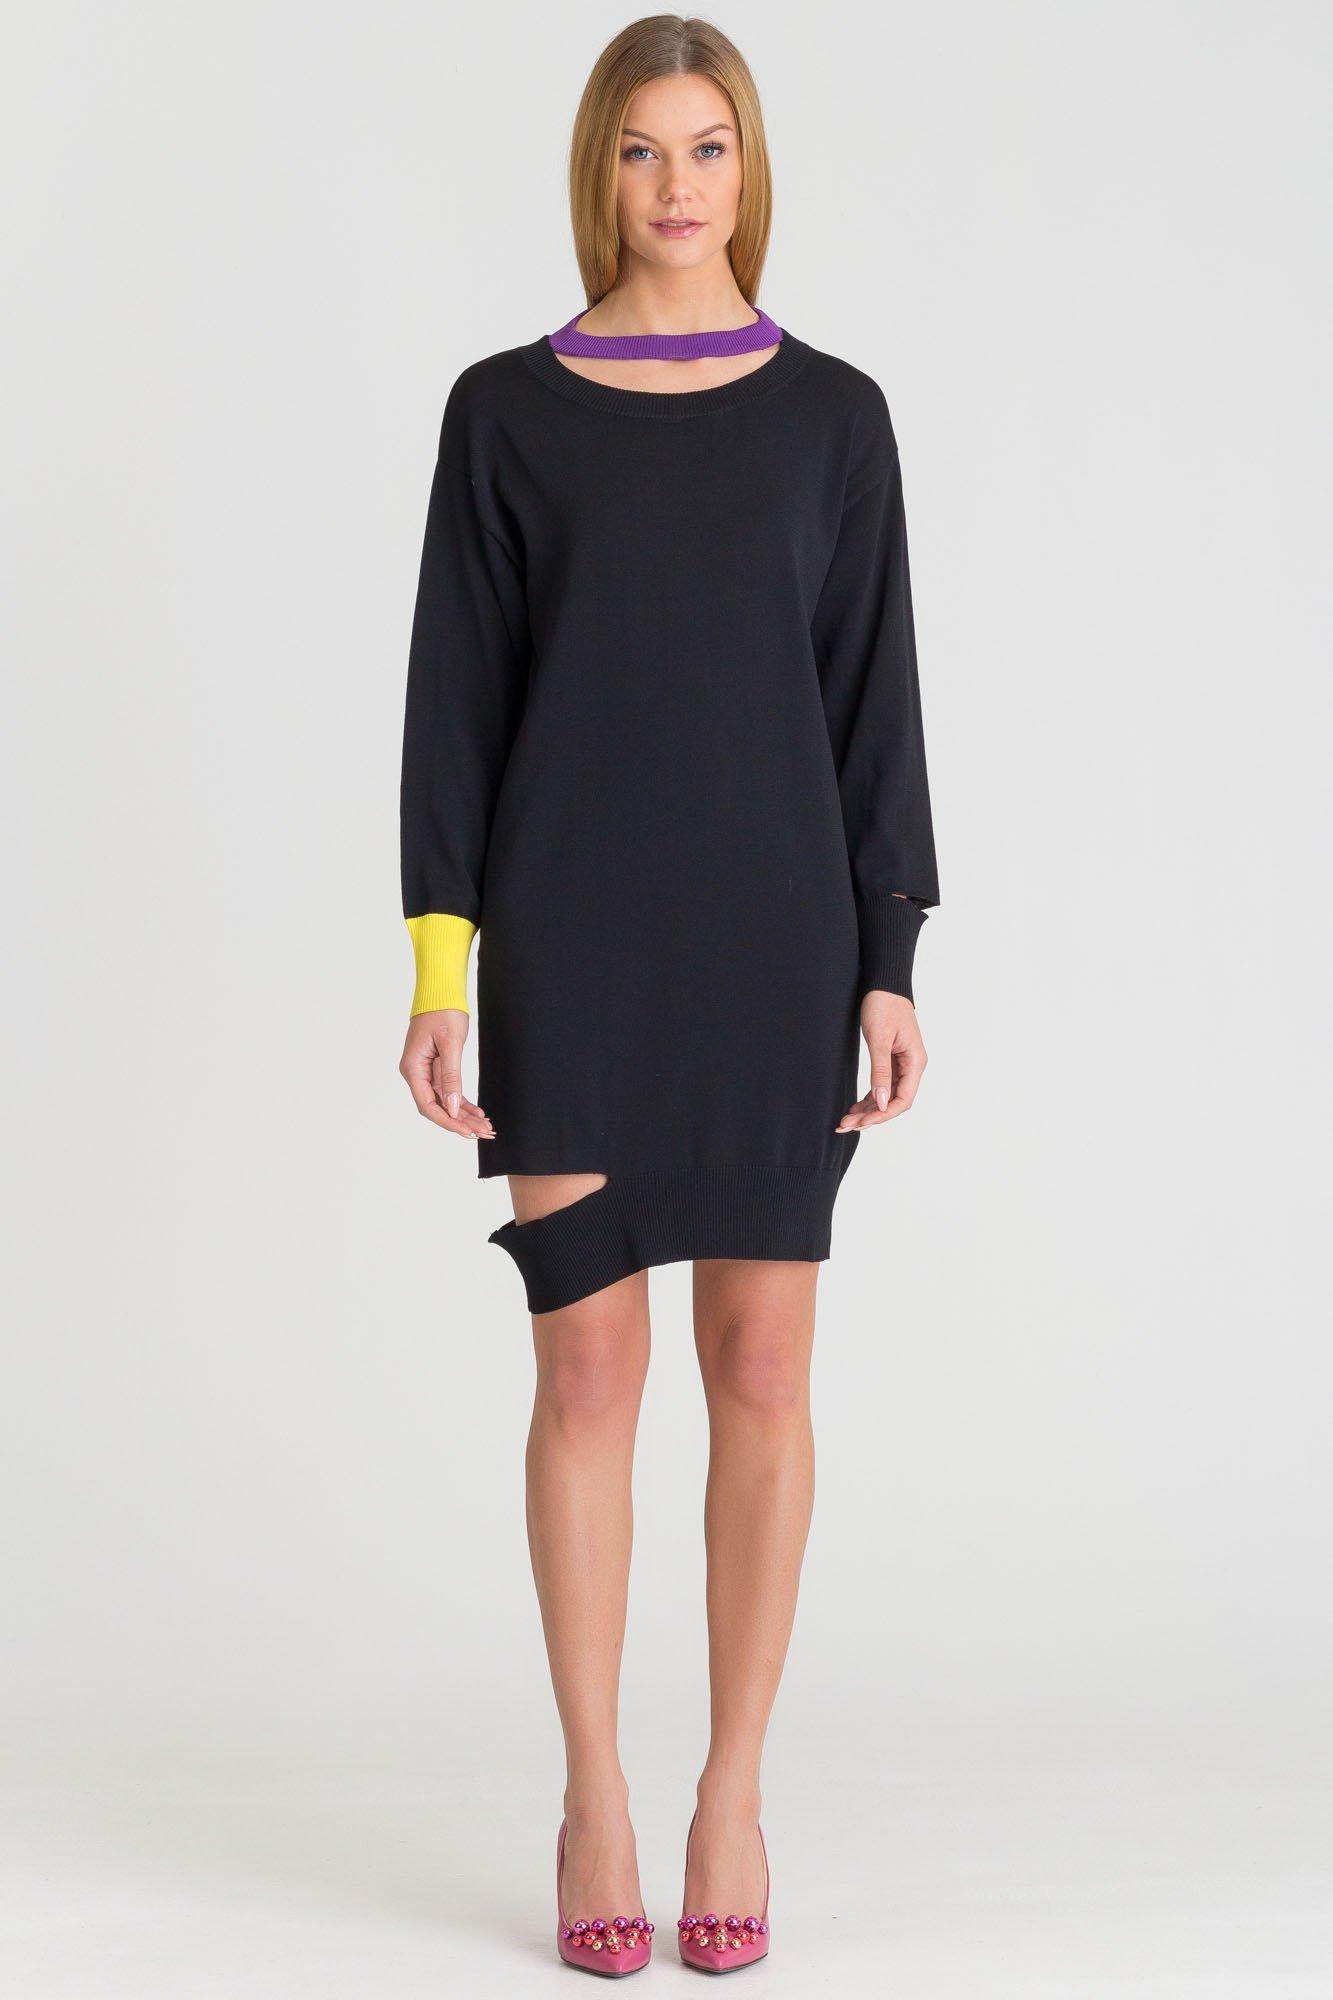 33dd6c13d5 ... Czarna dzianinowa sukienka Diesel z ozdobnymi nacięciami ...